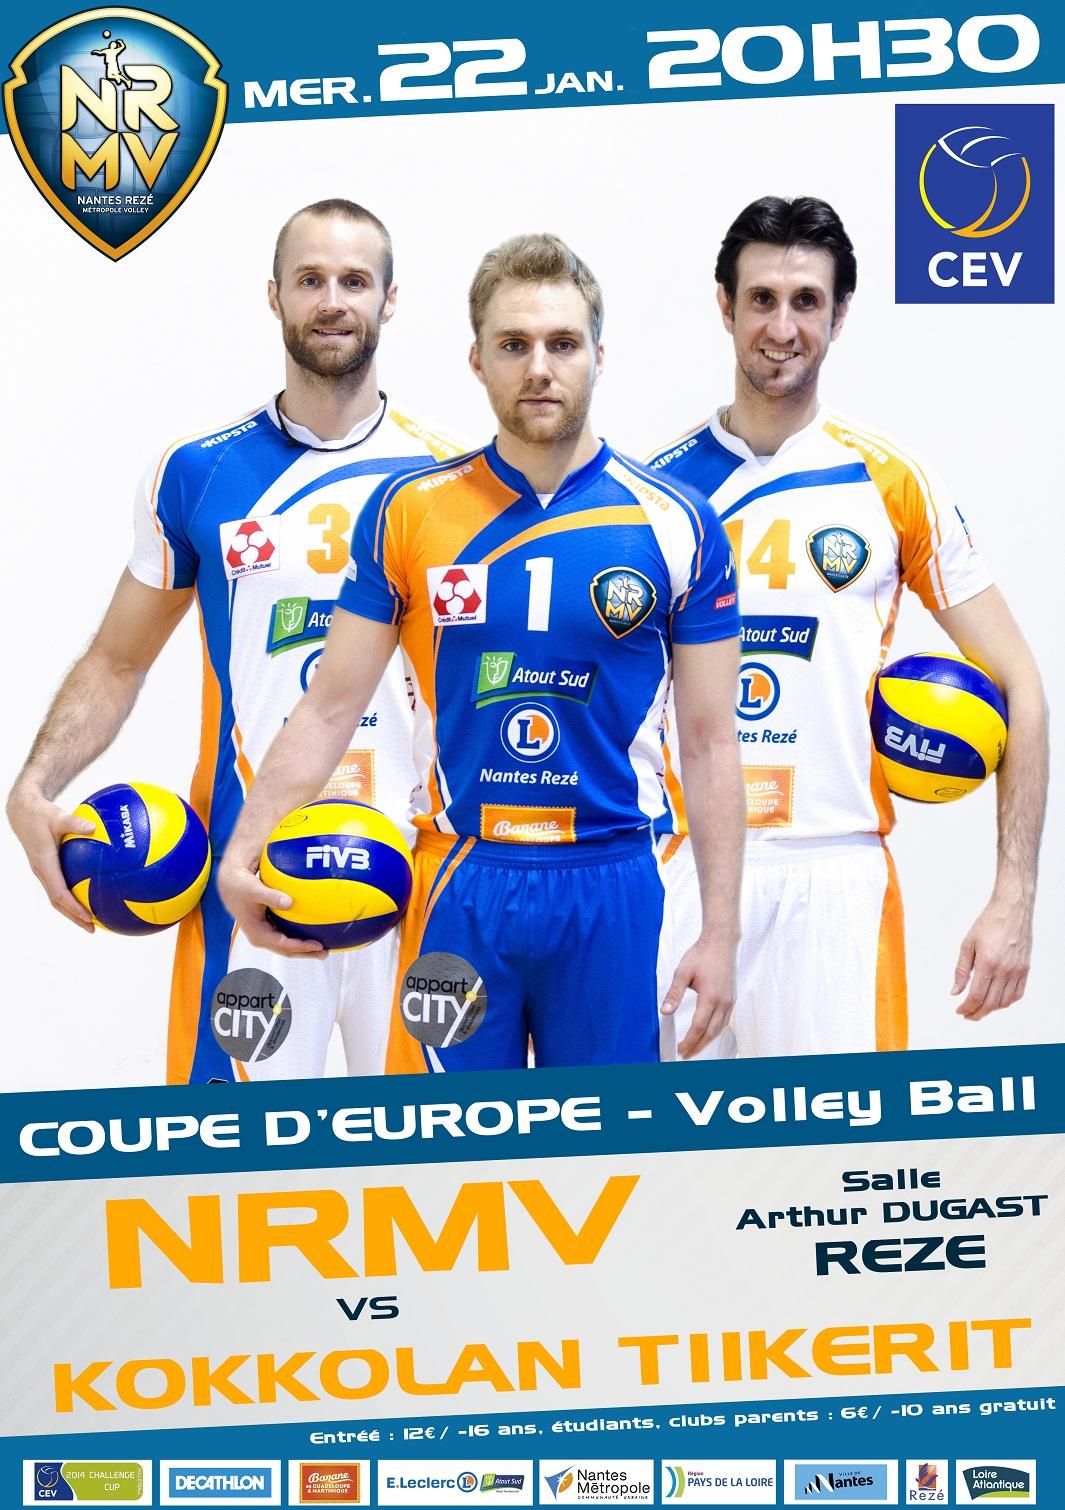 NRMV : 1/8 finale de Coupe d'Europe de Volley